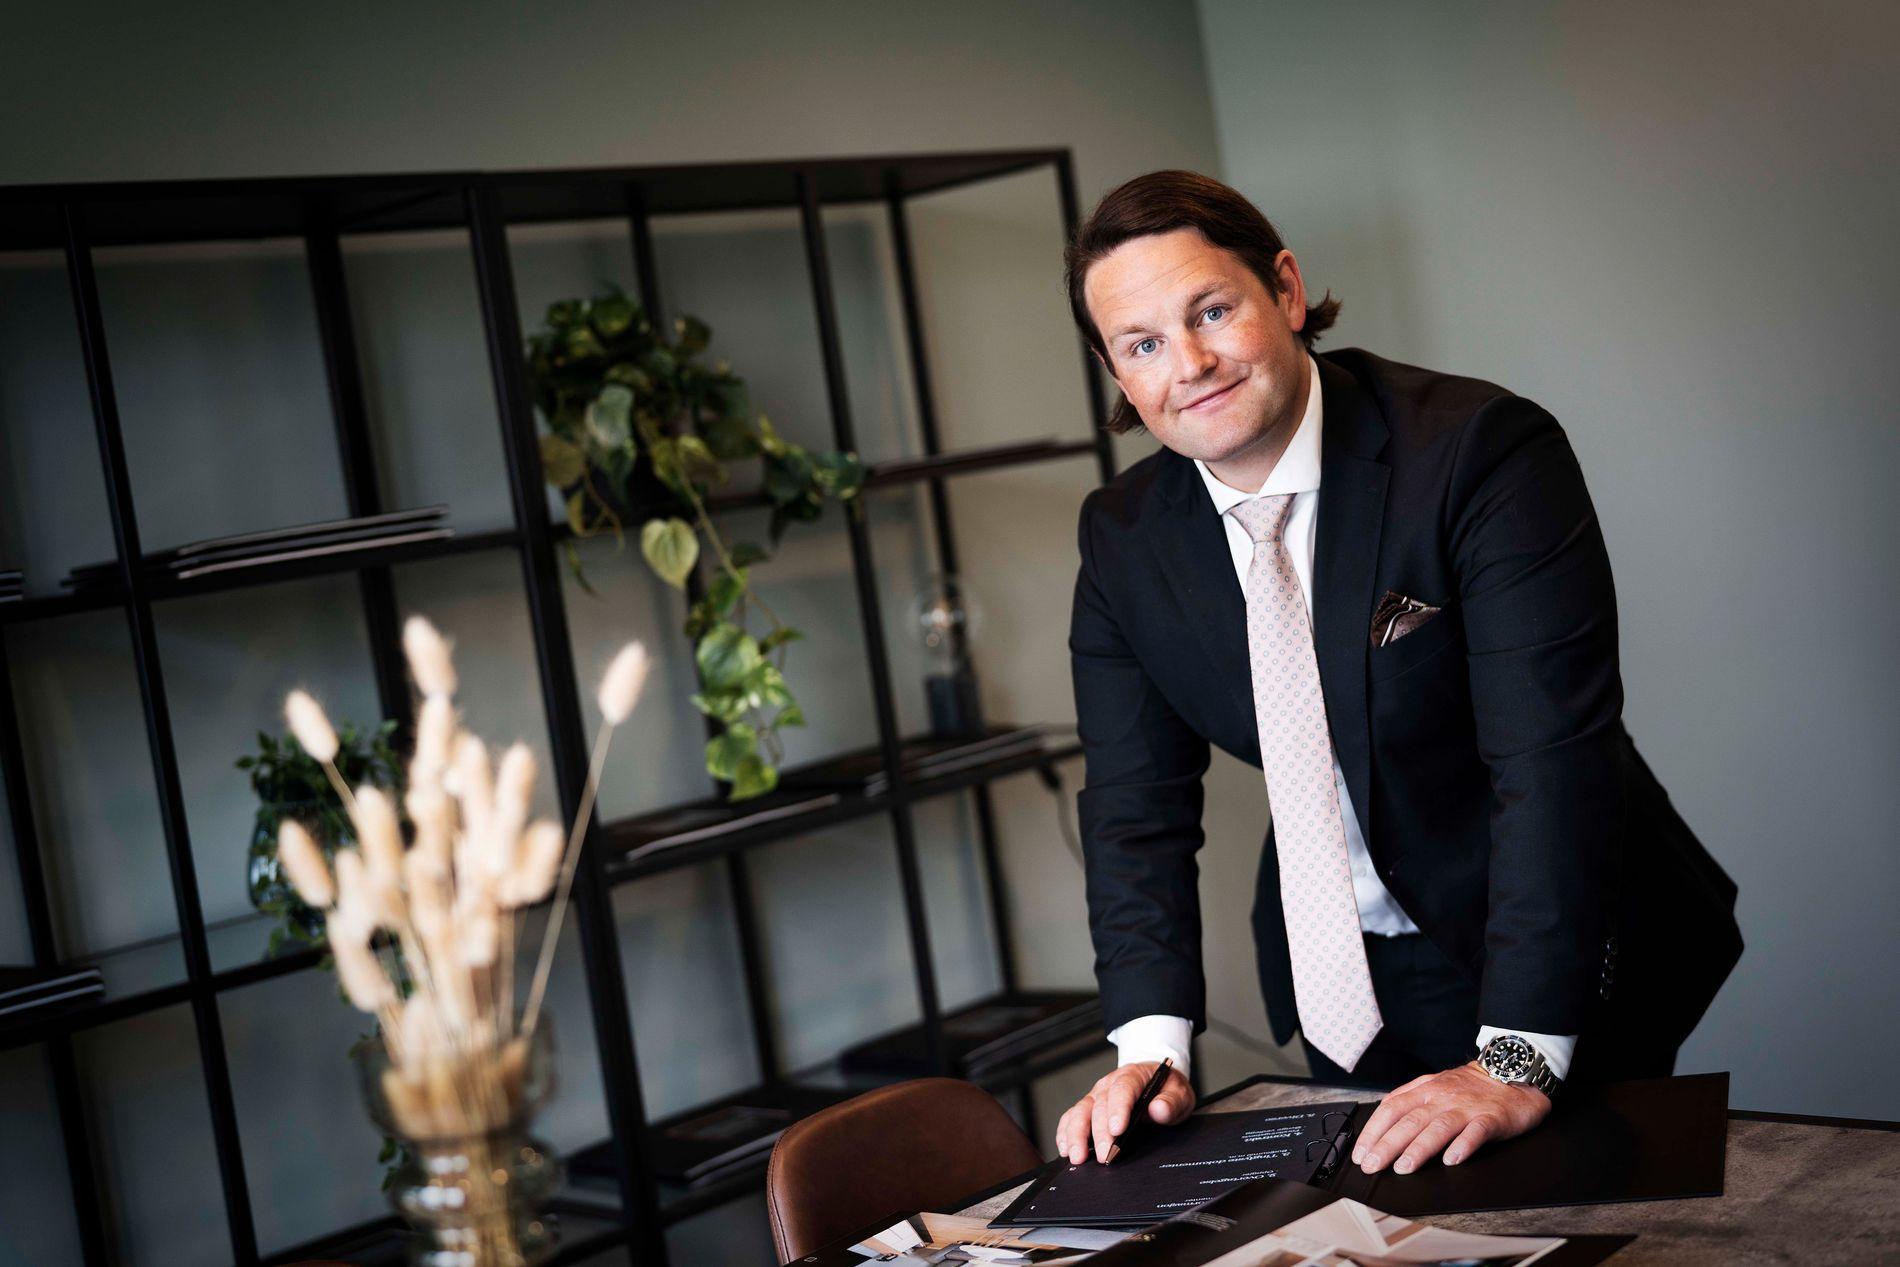 ATTRAKTIVT HYTTEMARKED: Martin Soland Varhaug, eiendomsmegler i PrivatMegleren, tror pandemien har ført til at flere har fått øynene opp for hyttemarkedet. Foto: PrivatMegleren.